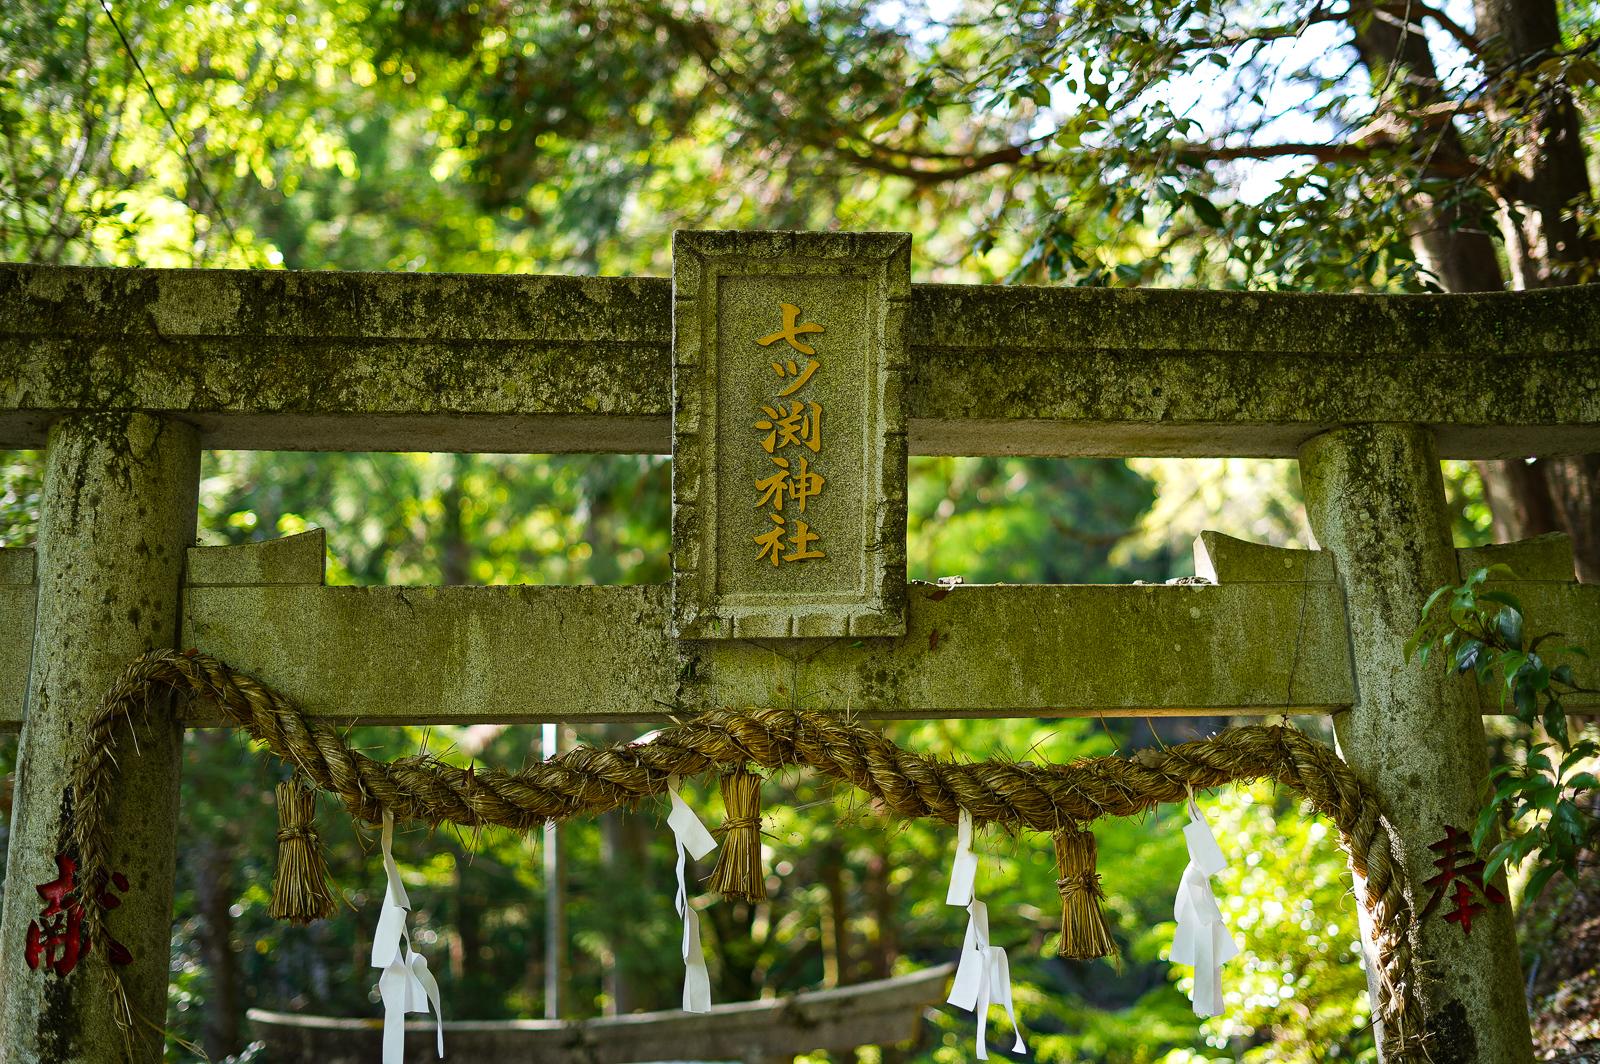 高知市内、七ツ淵神社にハイキング行って来ました。